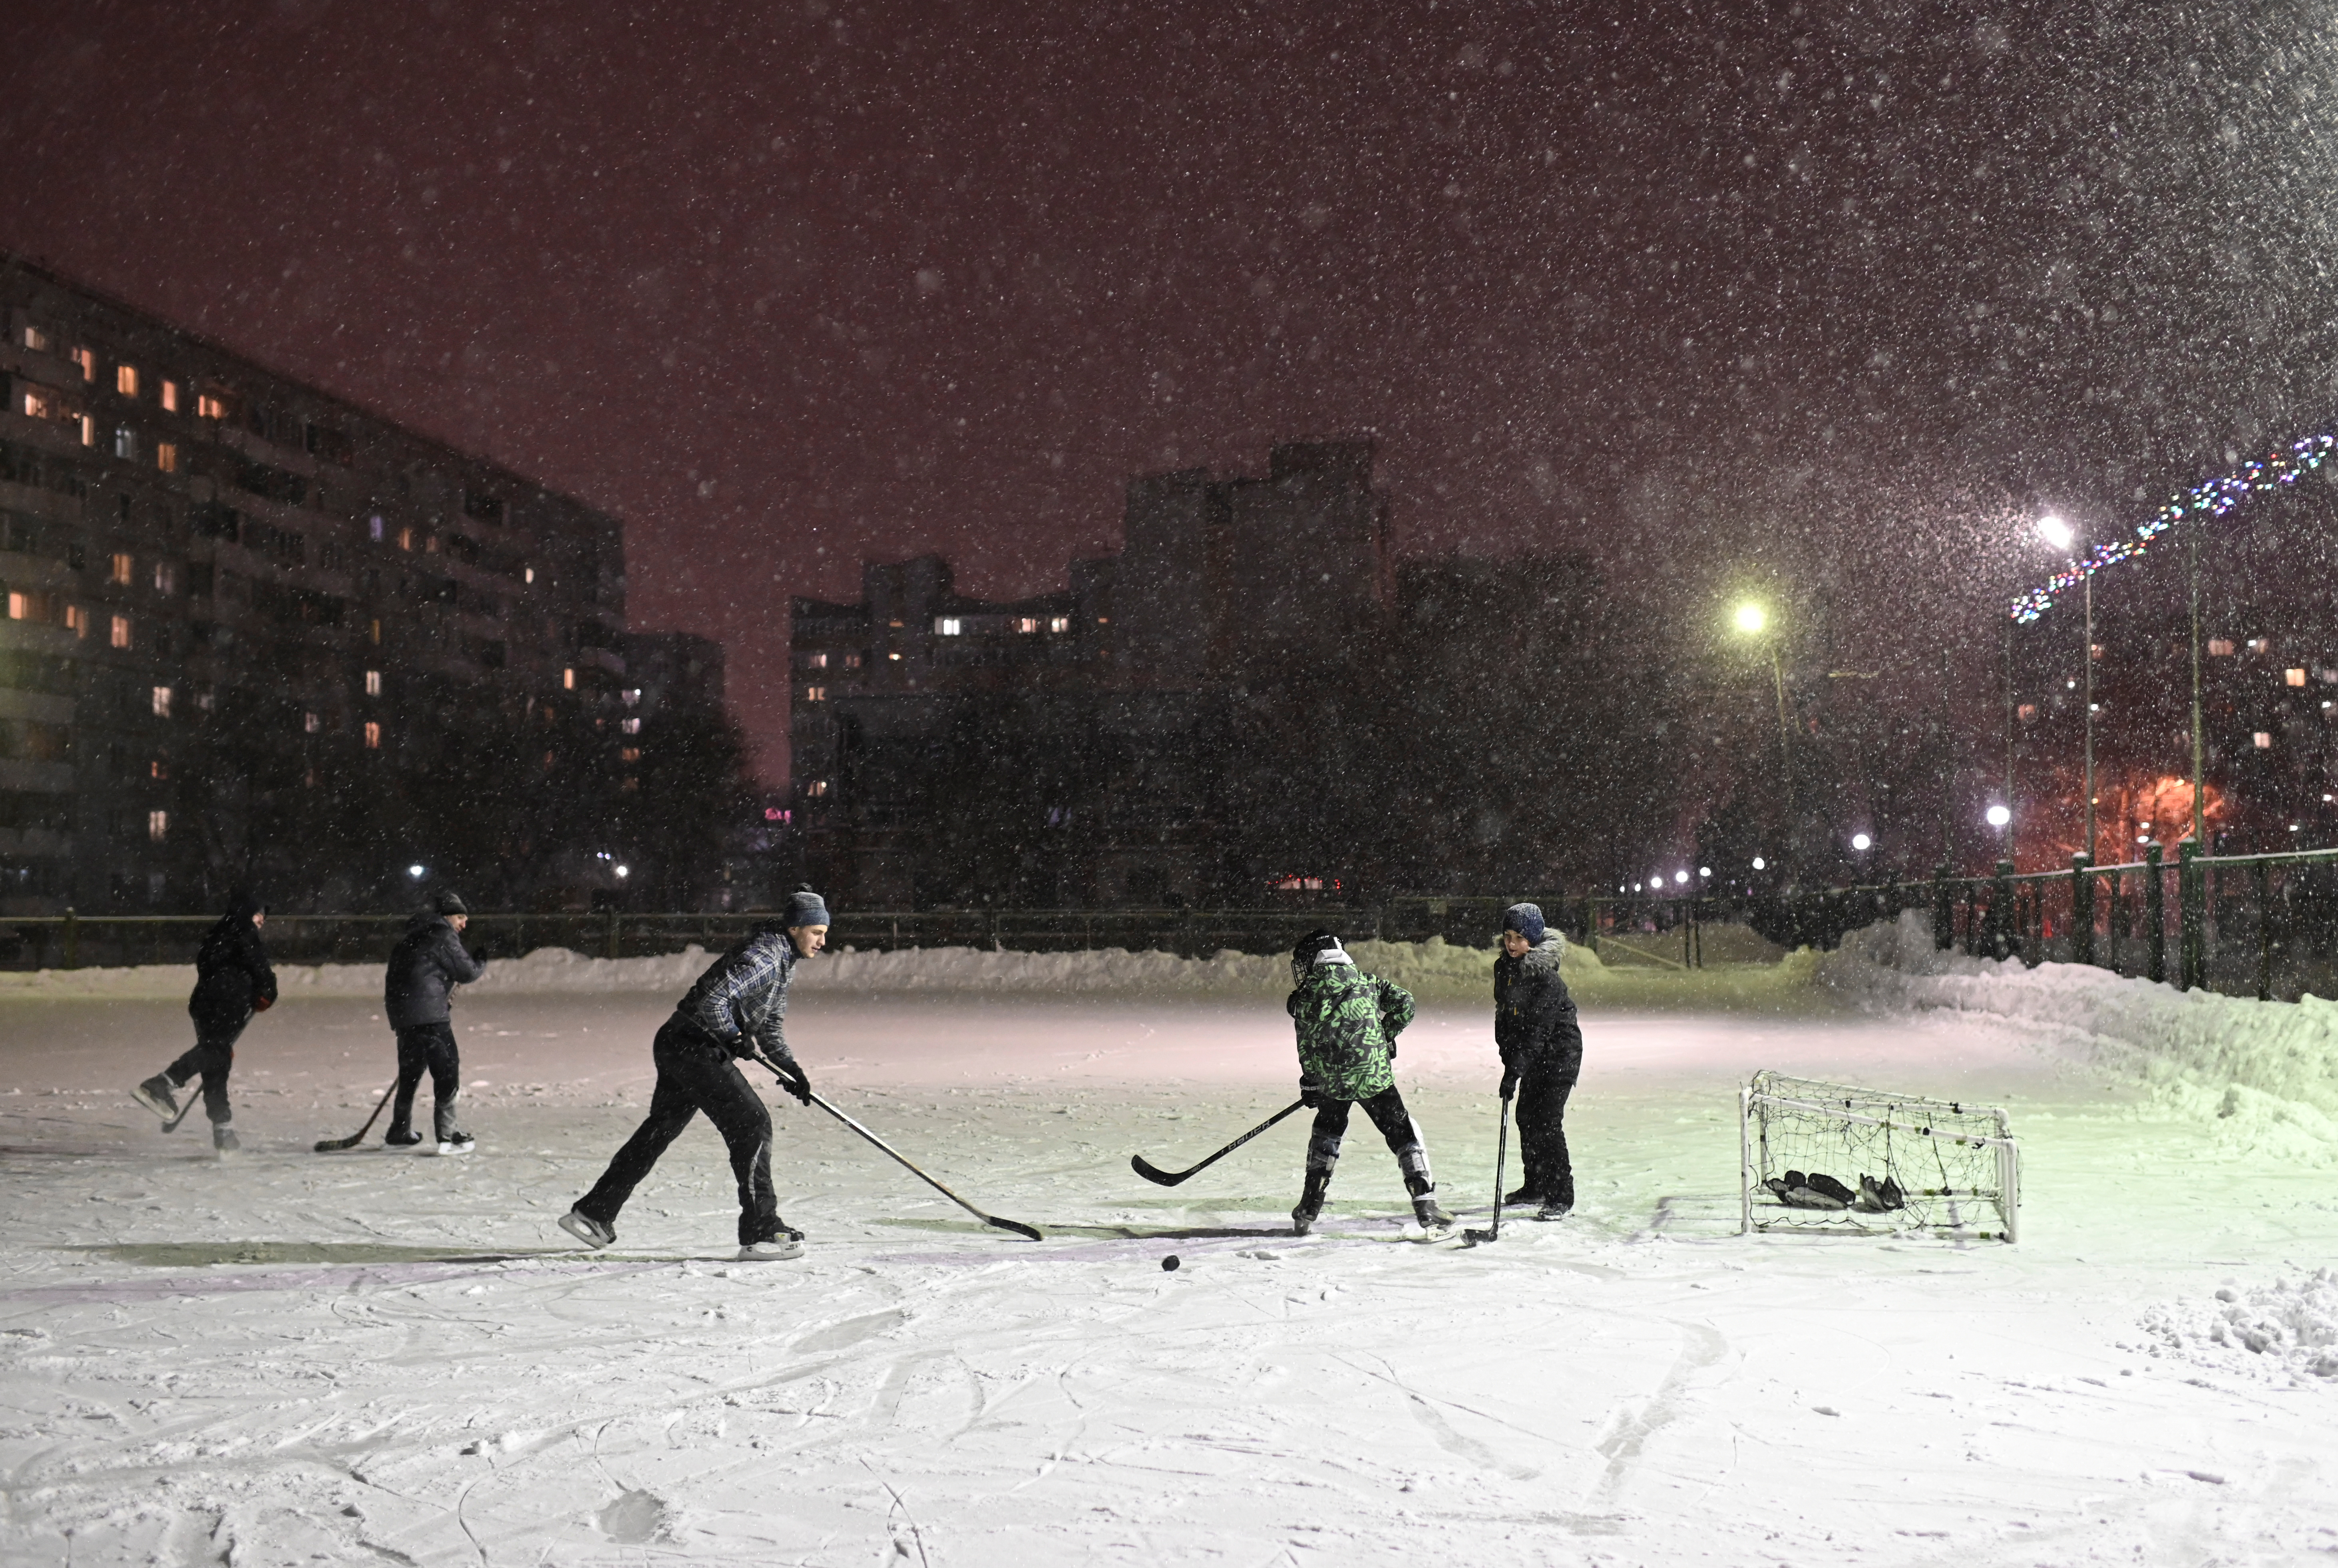 Χριστουγεννιάτικο… χόκει με χιονάκι για παρέα!